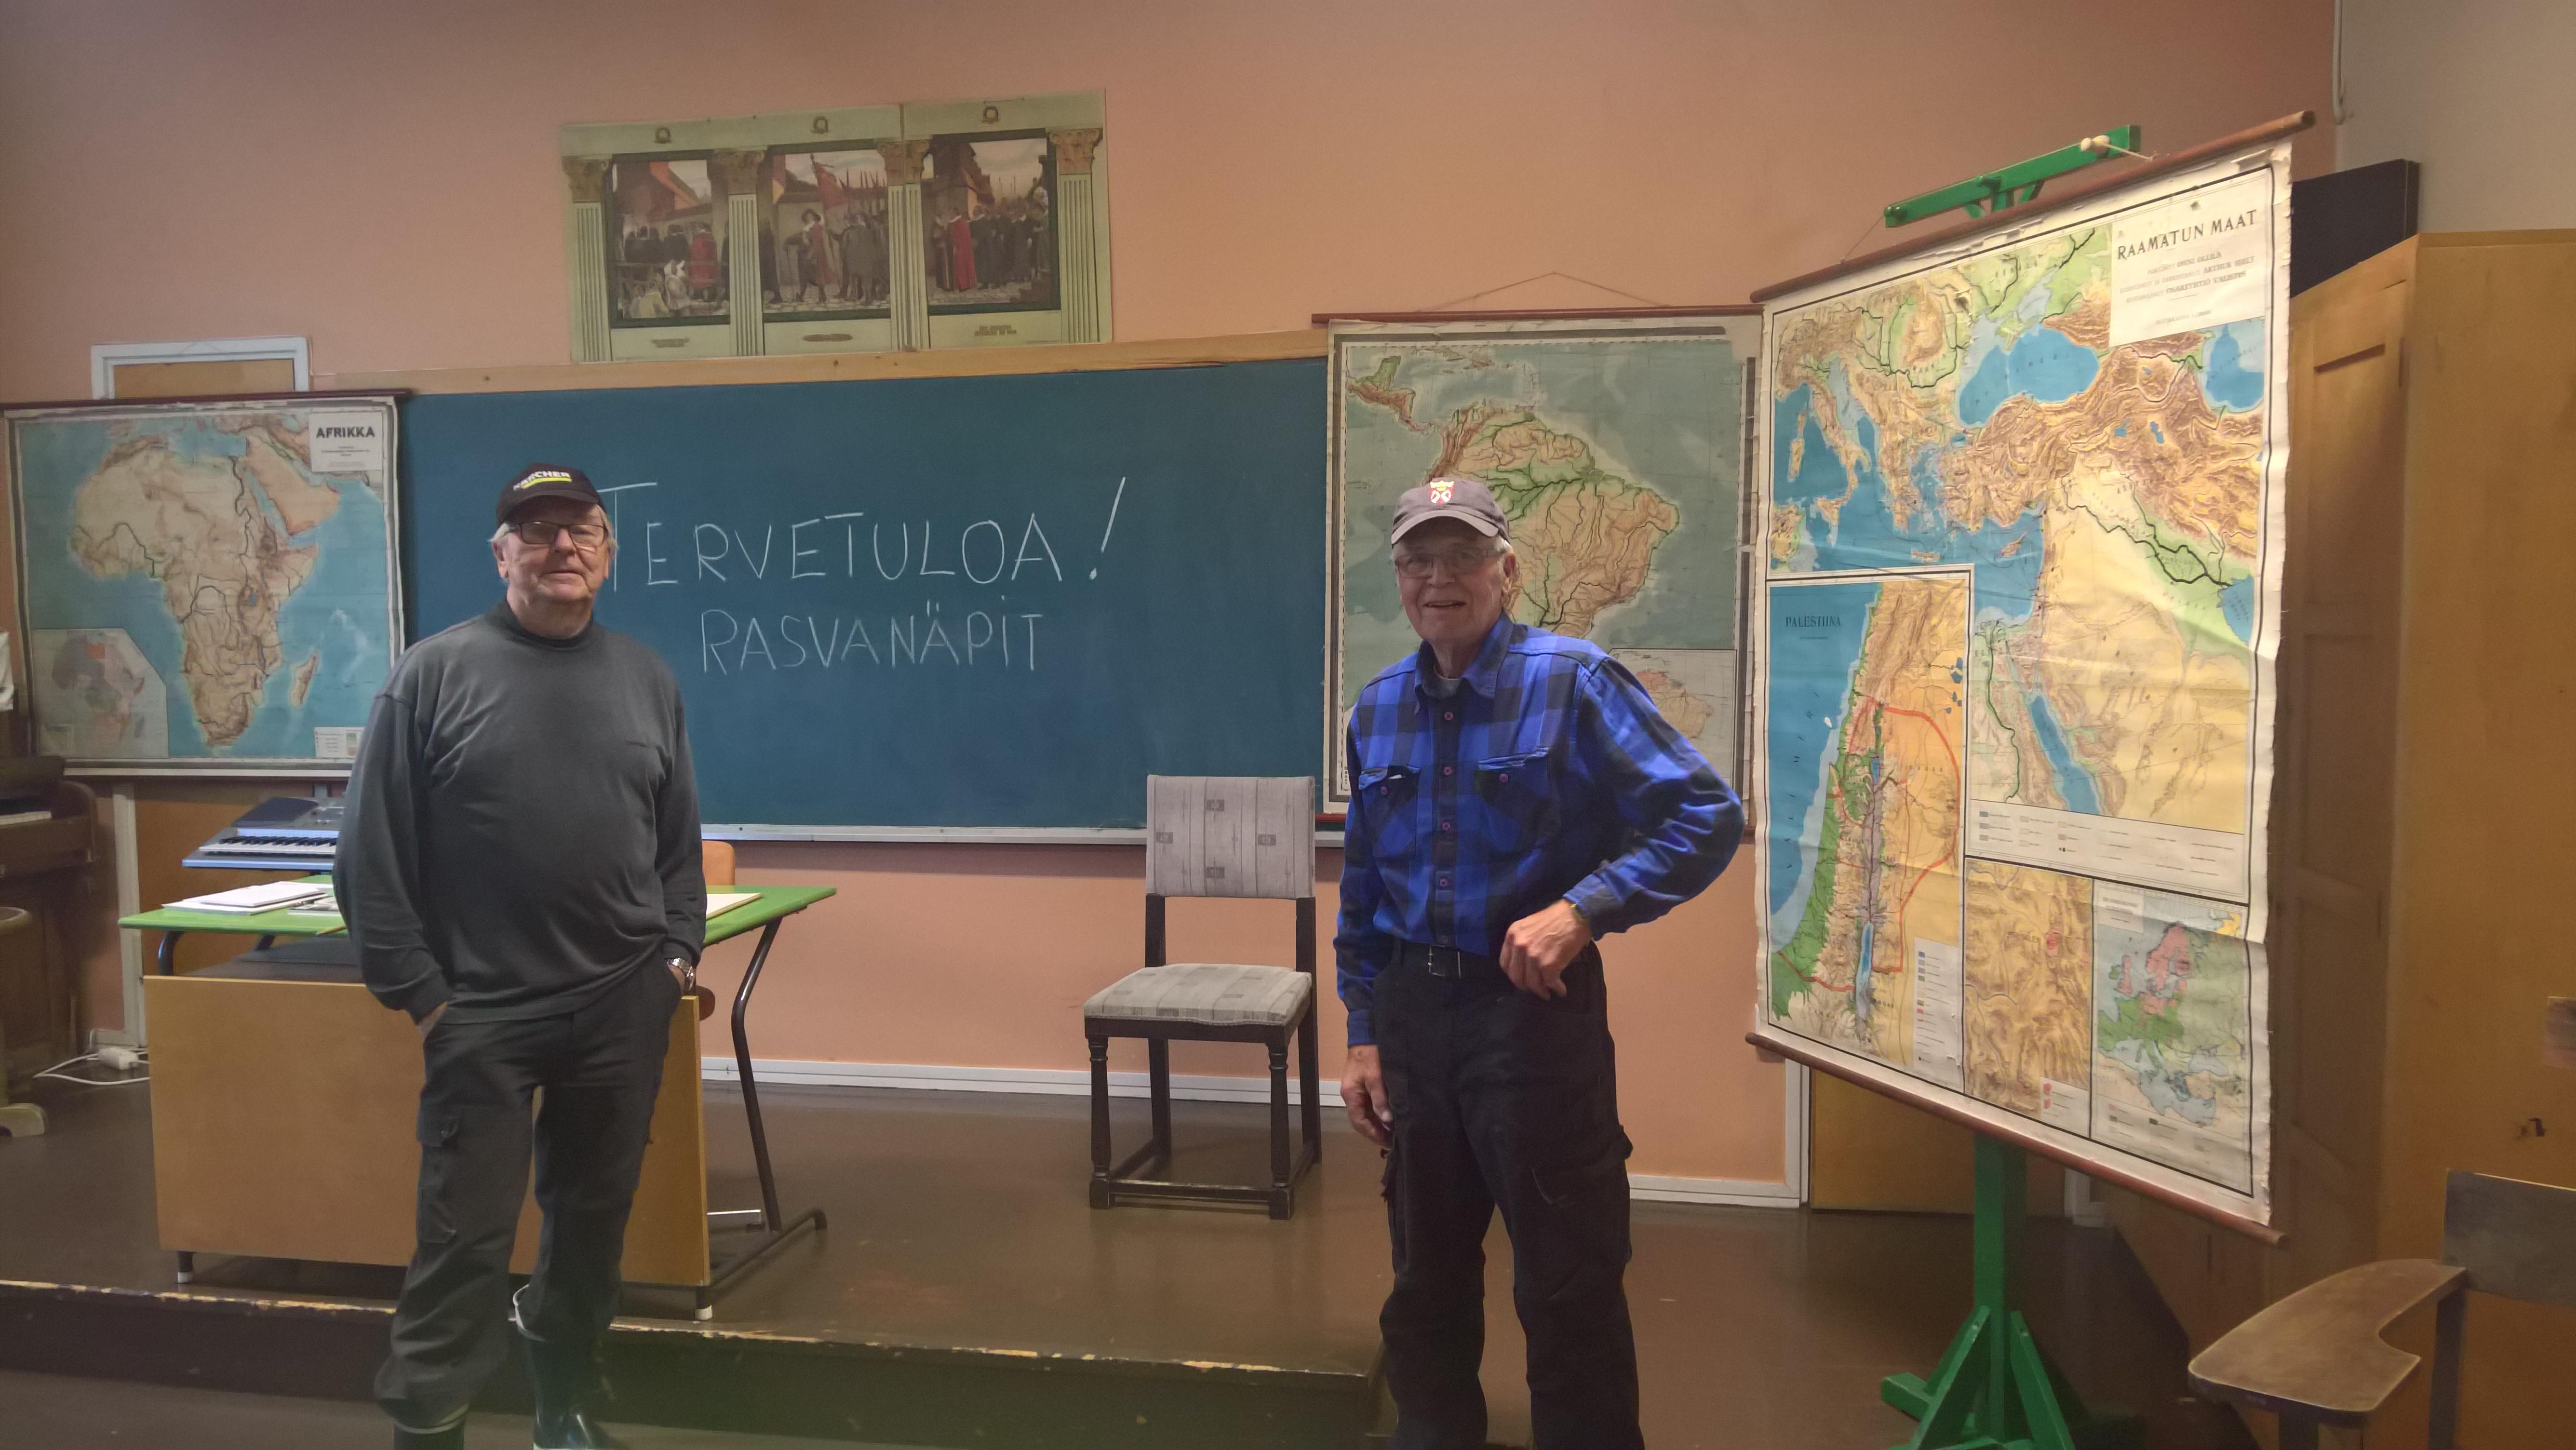 Illan isännät Jarmo ja Pertti Koivunen Haikkaanlahden vanhalla koululla